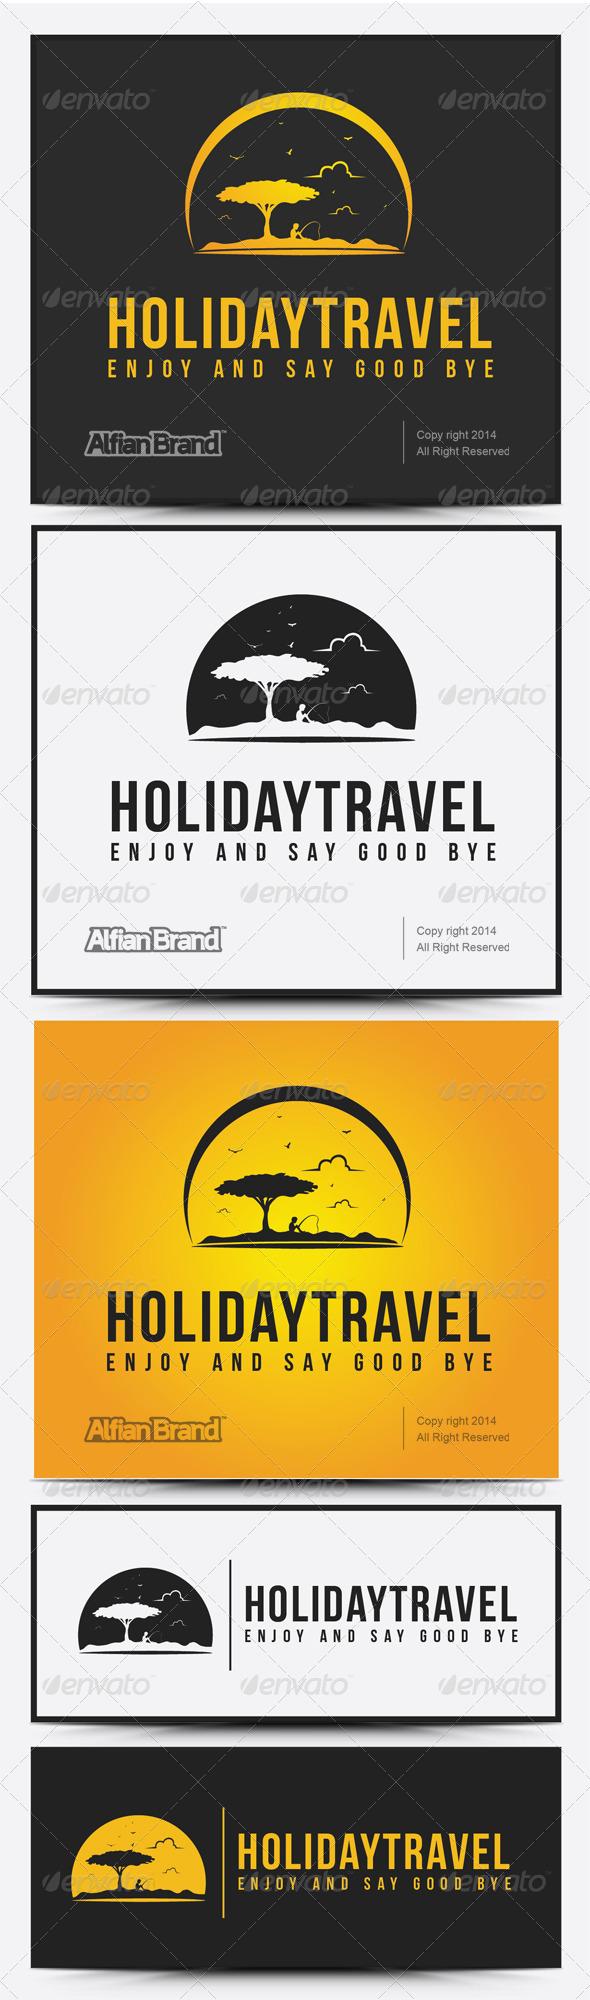 GraphicRiver Holiday Travel Logo 8066293